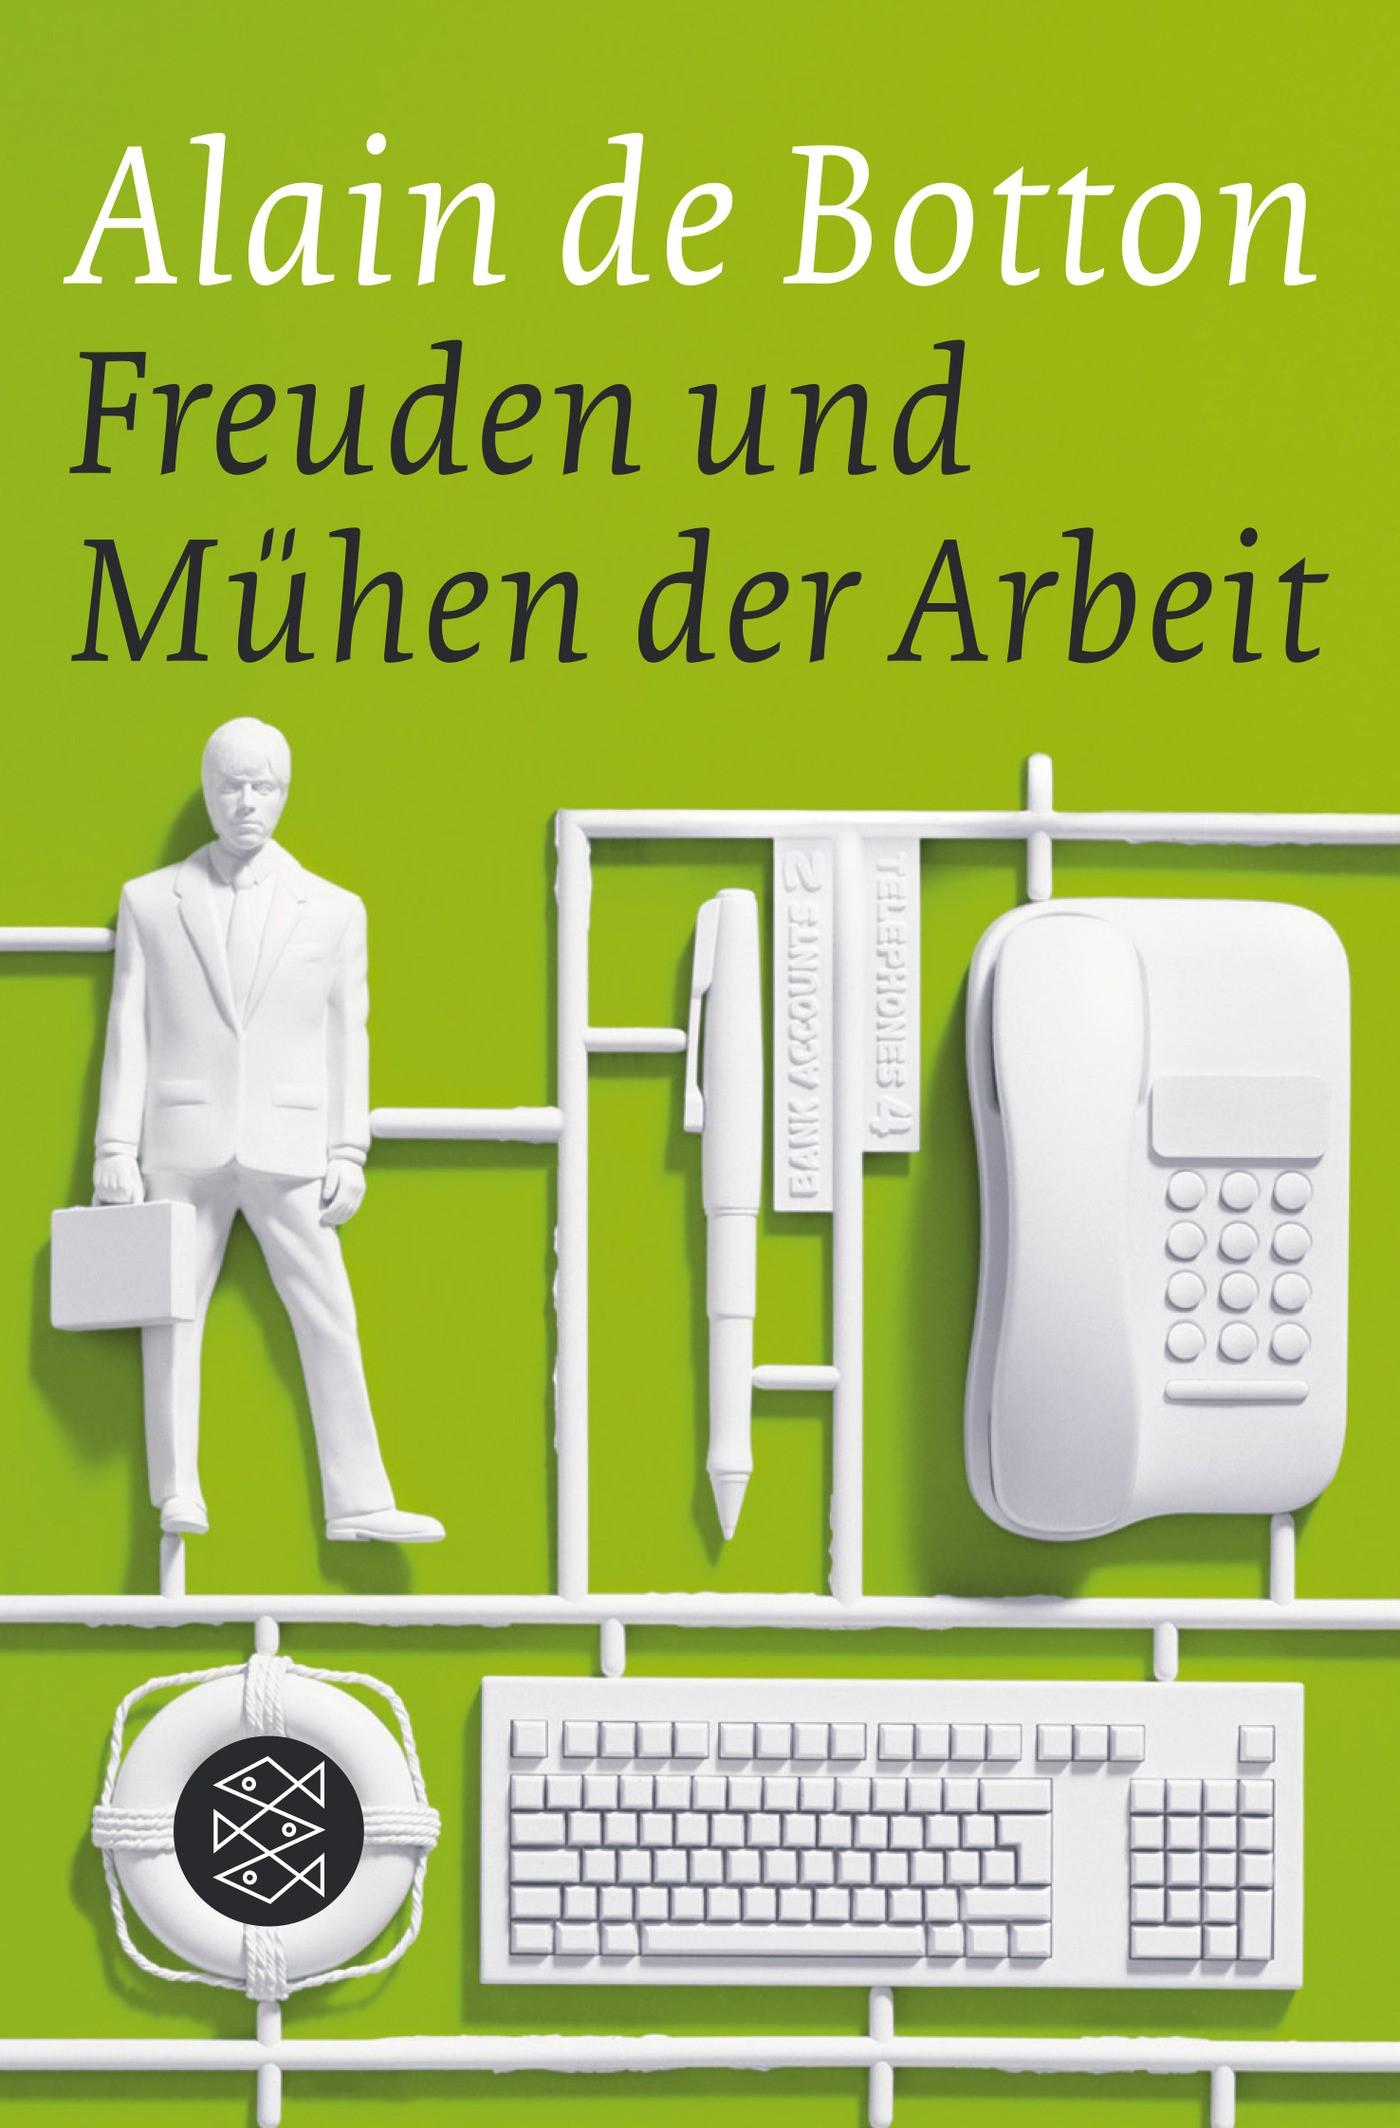 Freuden und Mühen der Arbeit | Botton | 1. Auflage, 2014 | Buch (Cover)